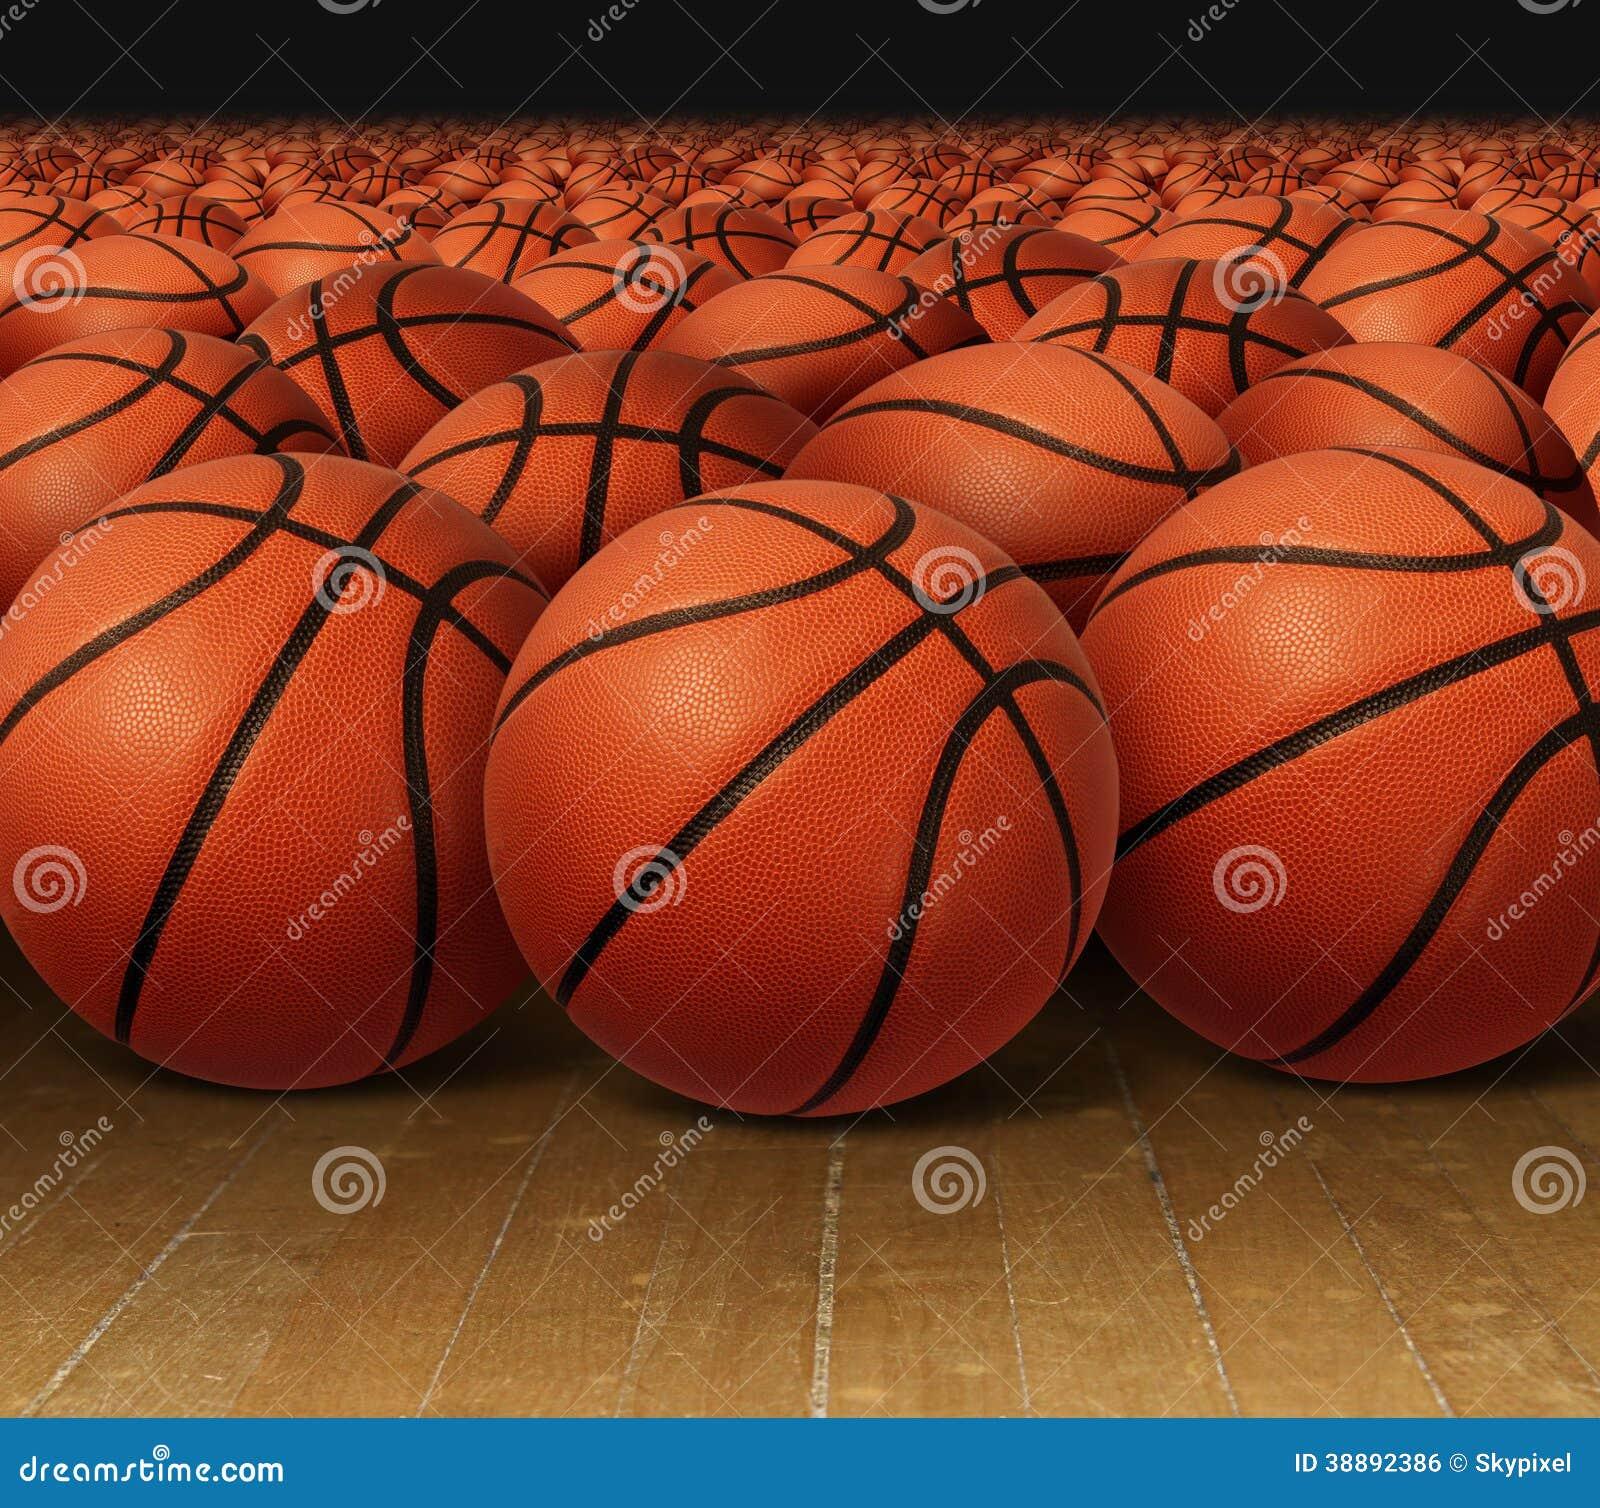 Basketball Group 59